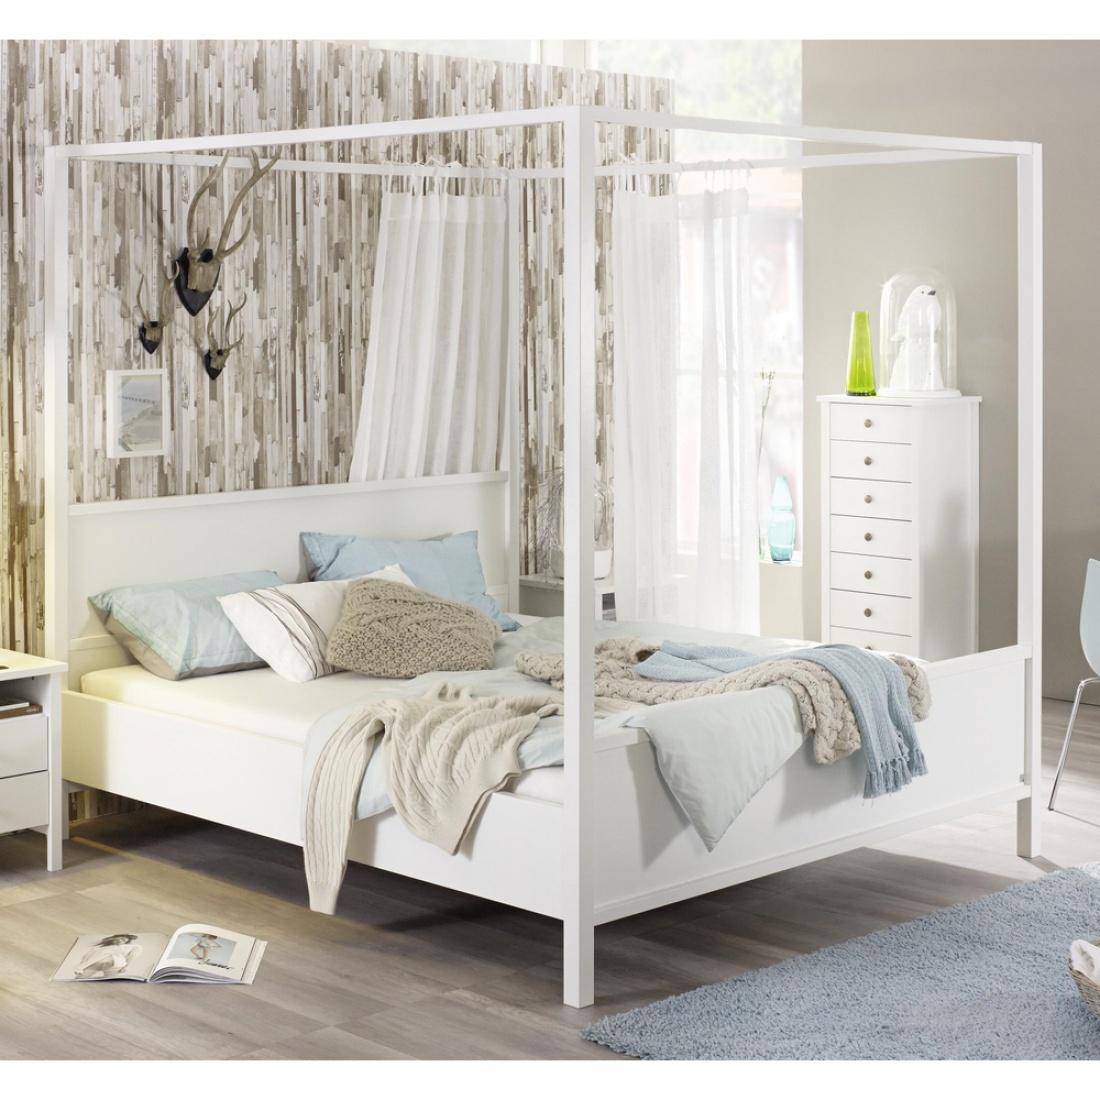 Conforama Schlafzimmer Kommode